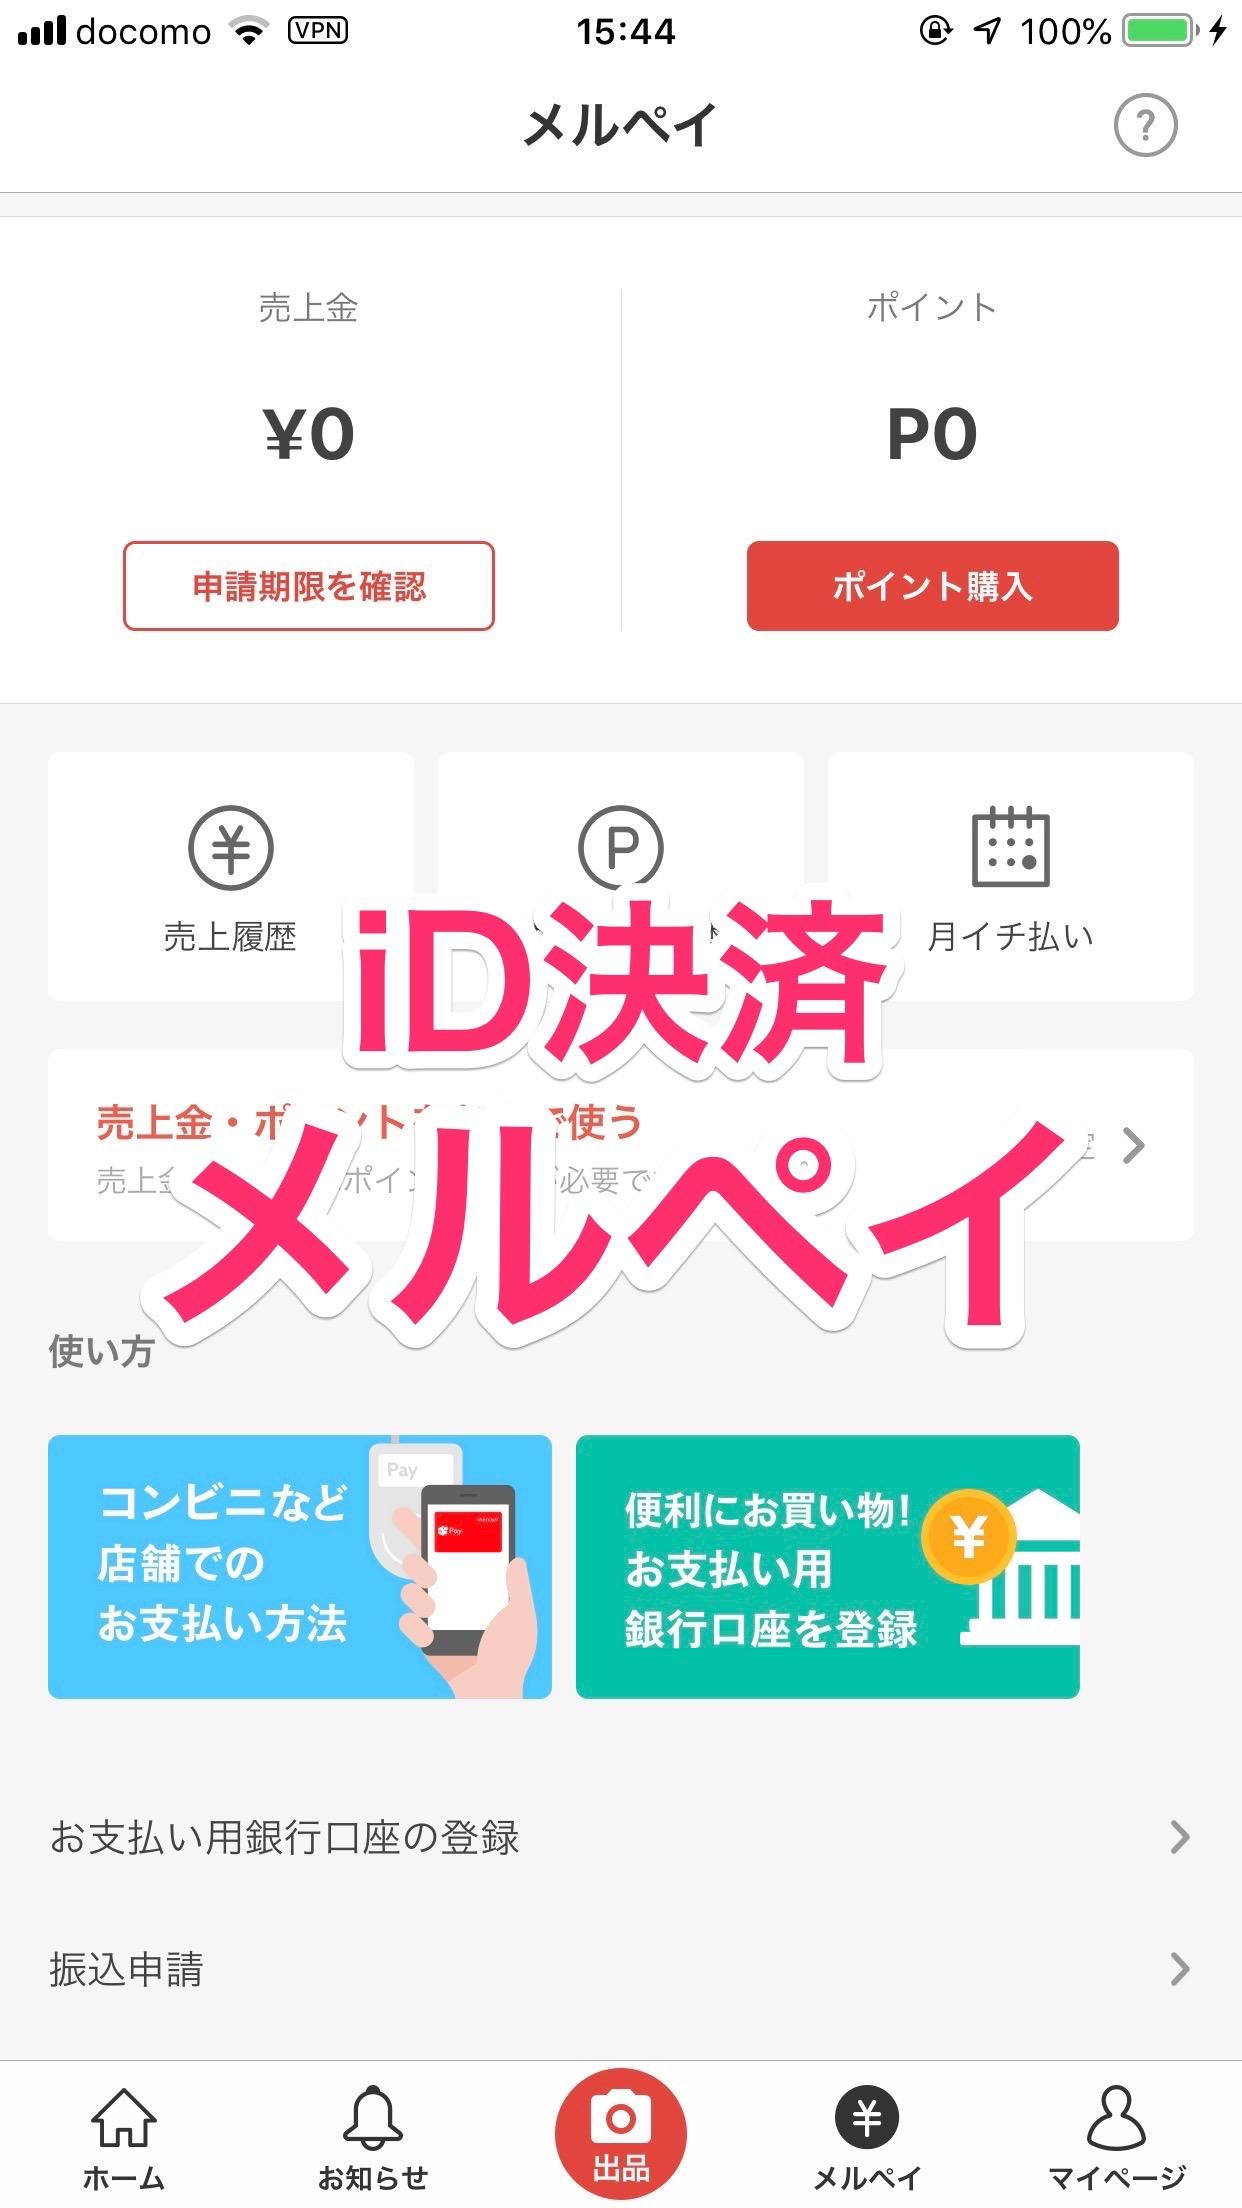 【メルカリ】スマホ決済「メルペイ」非接触決済サービスiDに対応してリリース